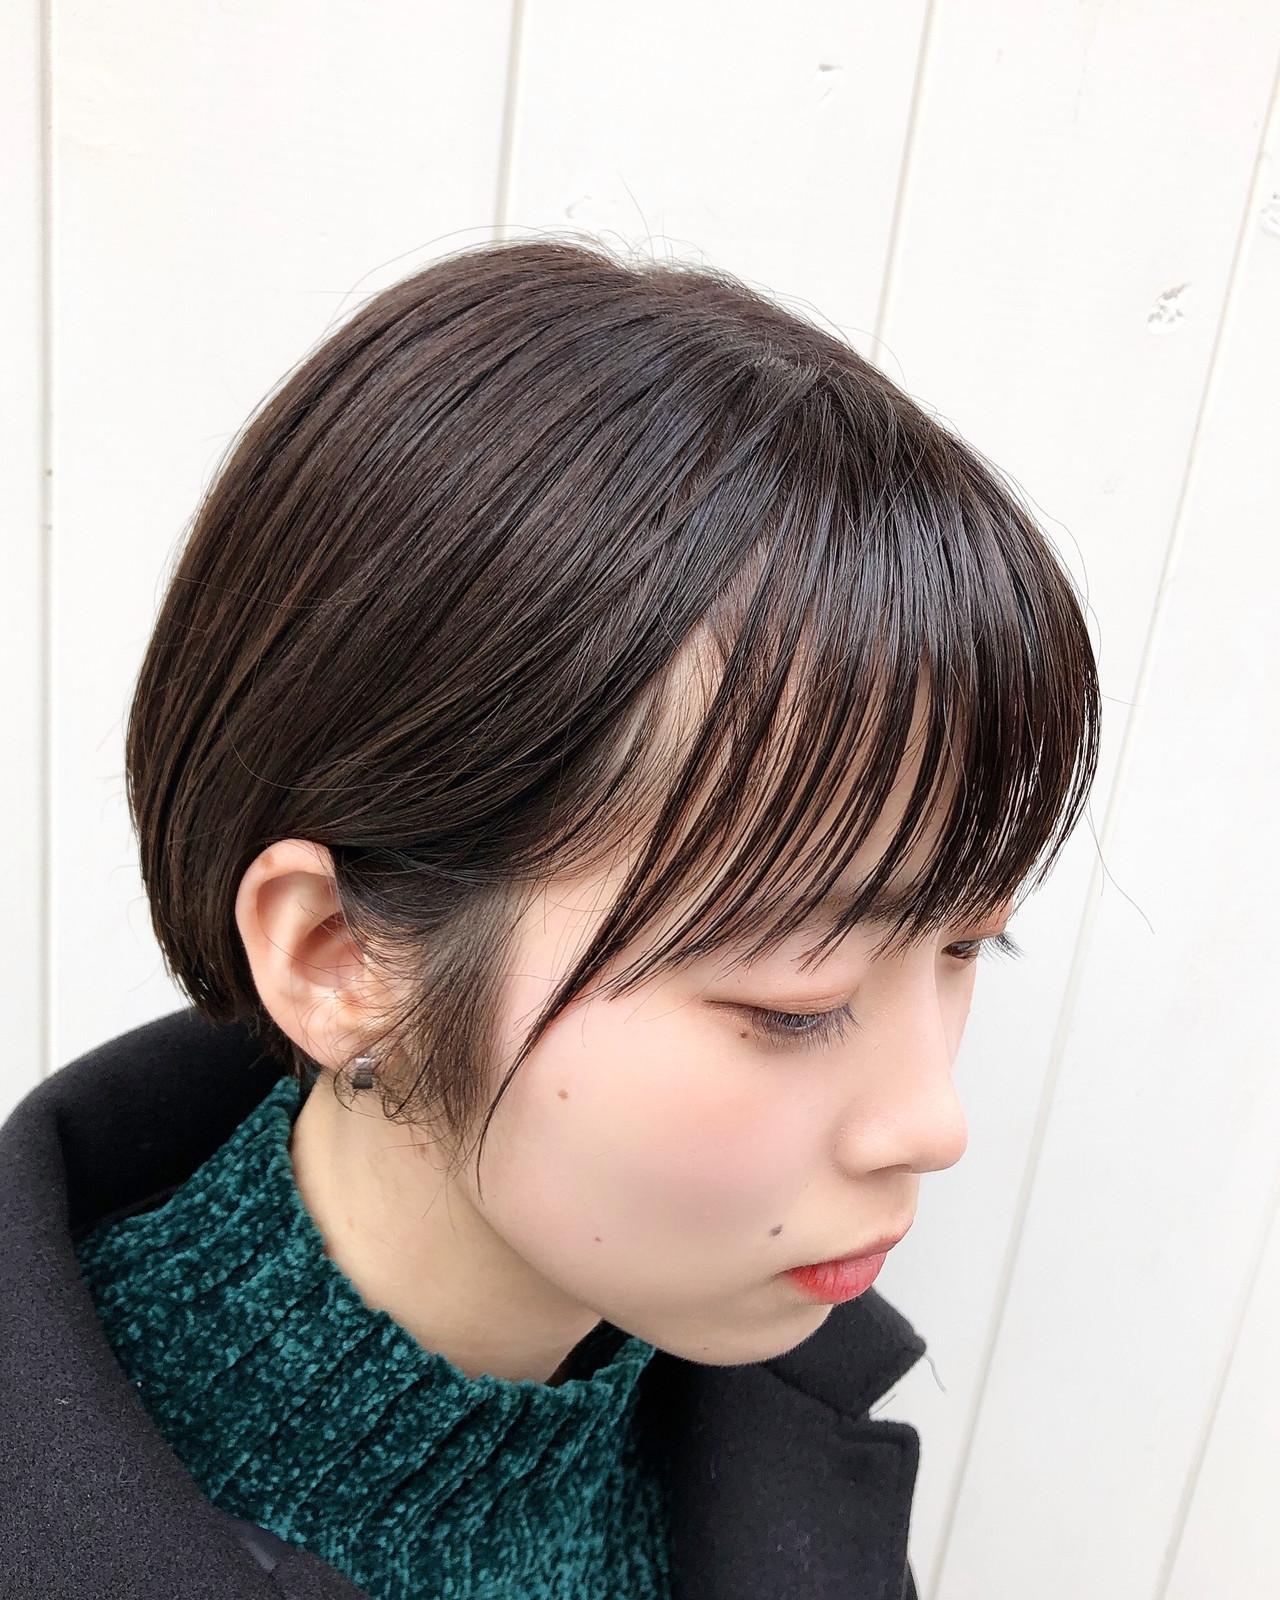 ベリーショート ショートボブ ショート フェミニン ヘアスタイルや髪型の写真・画像